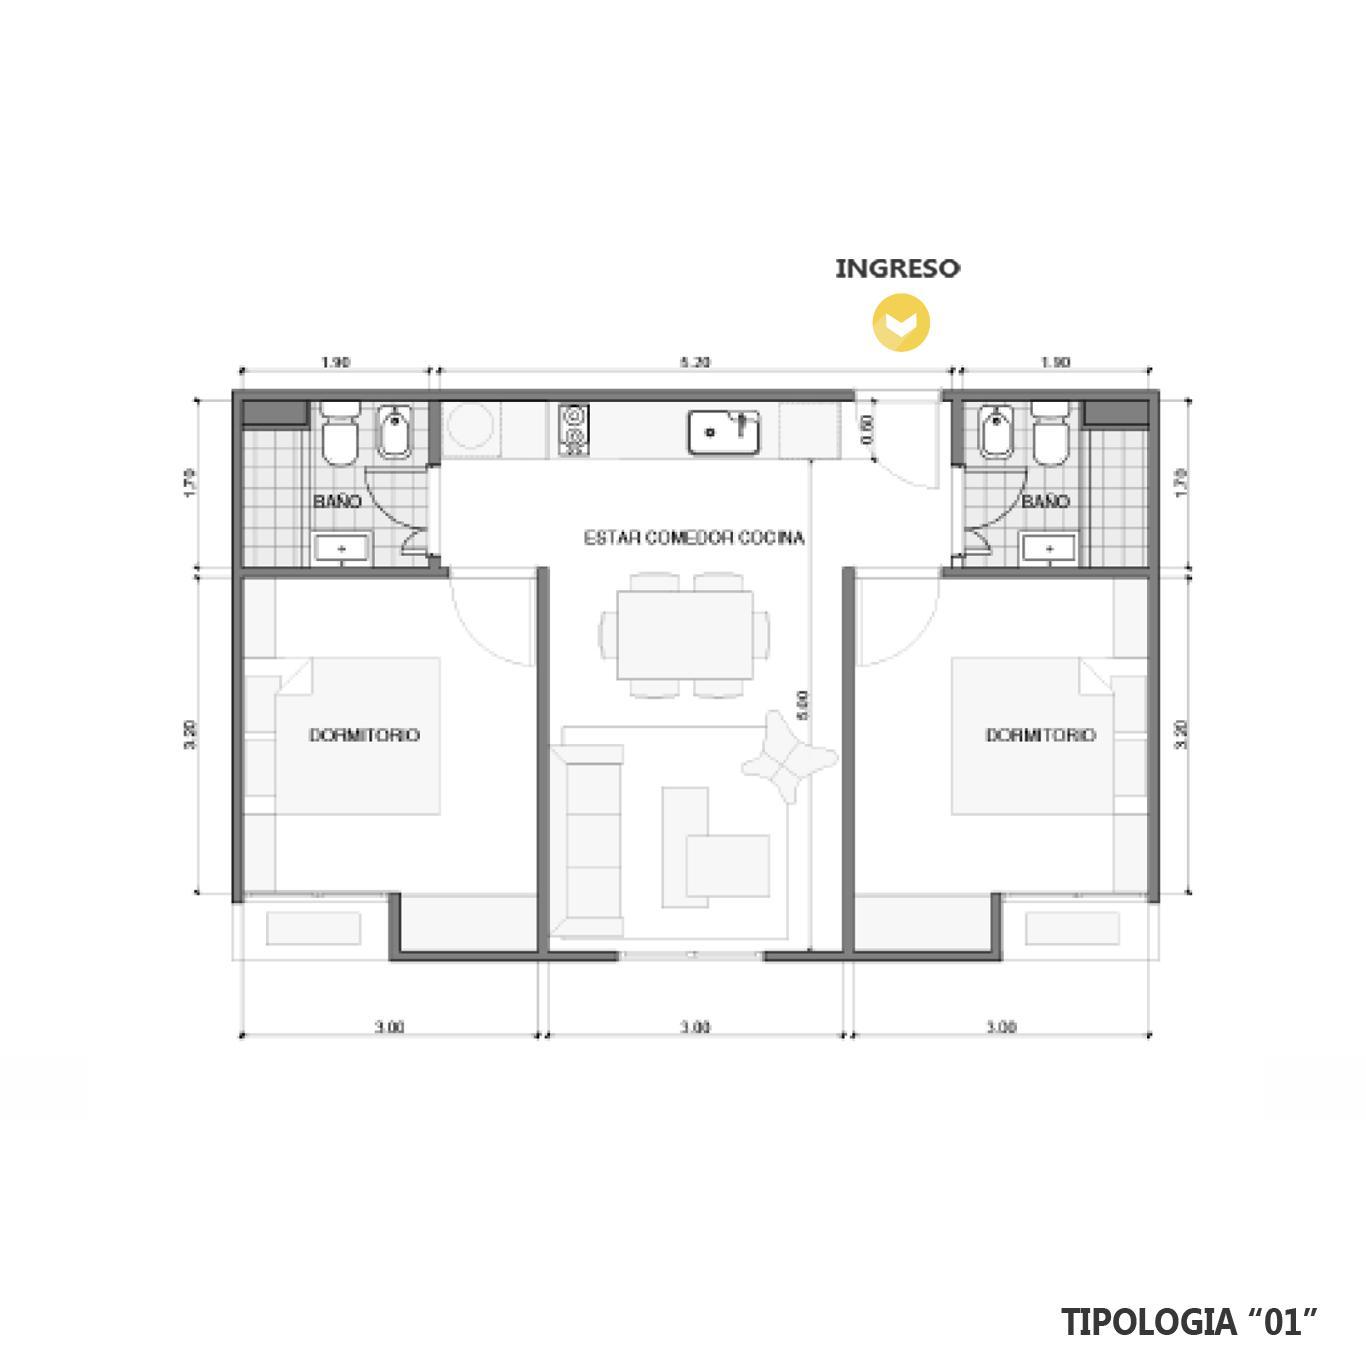 Venta departamento 2 dormitorios Añelo, Añelo. Cod CBU23671 AP2225801. Crestale Propiedades